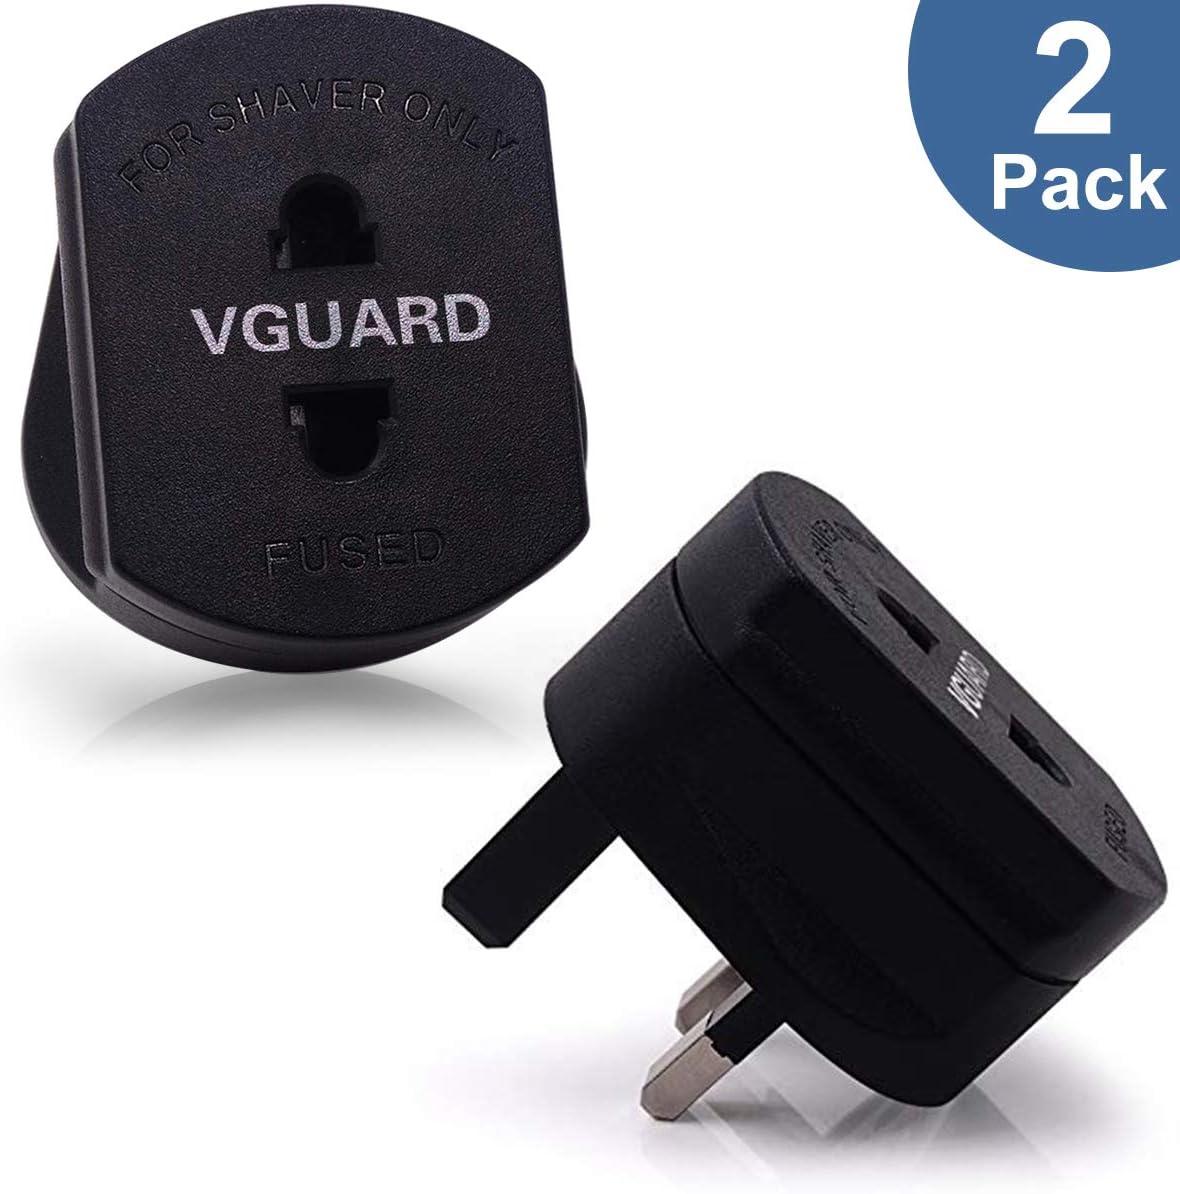 VGUARD [2-Unidades] Enchufe Adaptador, 2 Clavijas a 3 Clavijas del Reino Unido, con Fusible de 1 amperio, para máquinas de Afeitar y Cepillo de Dientes - Negro